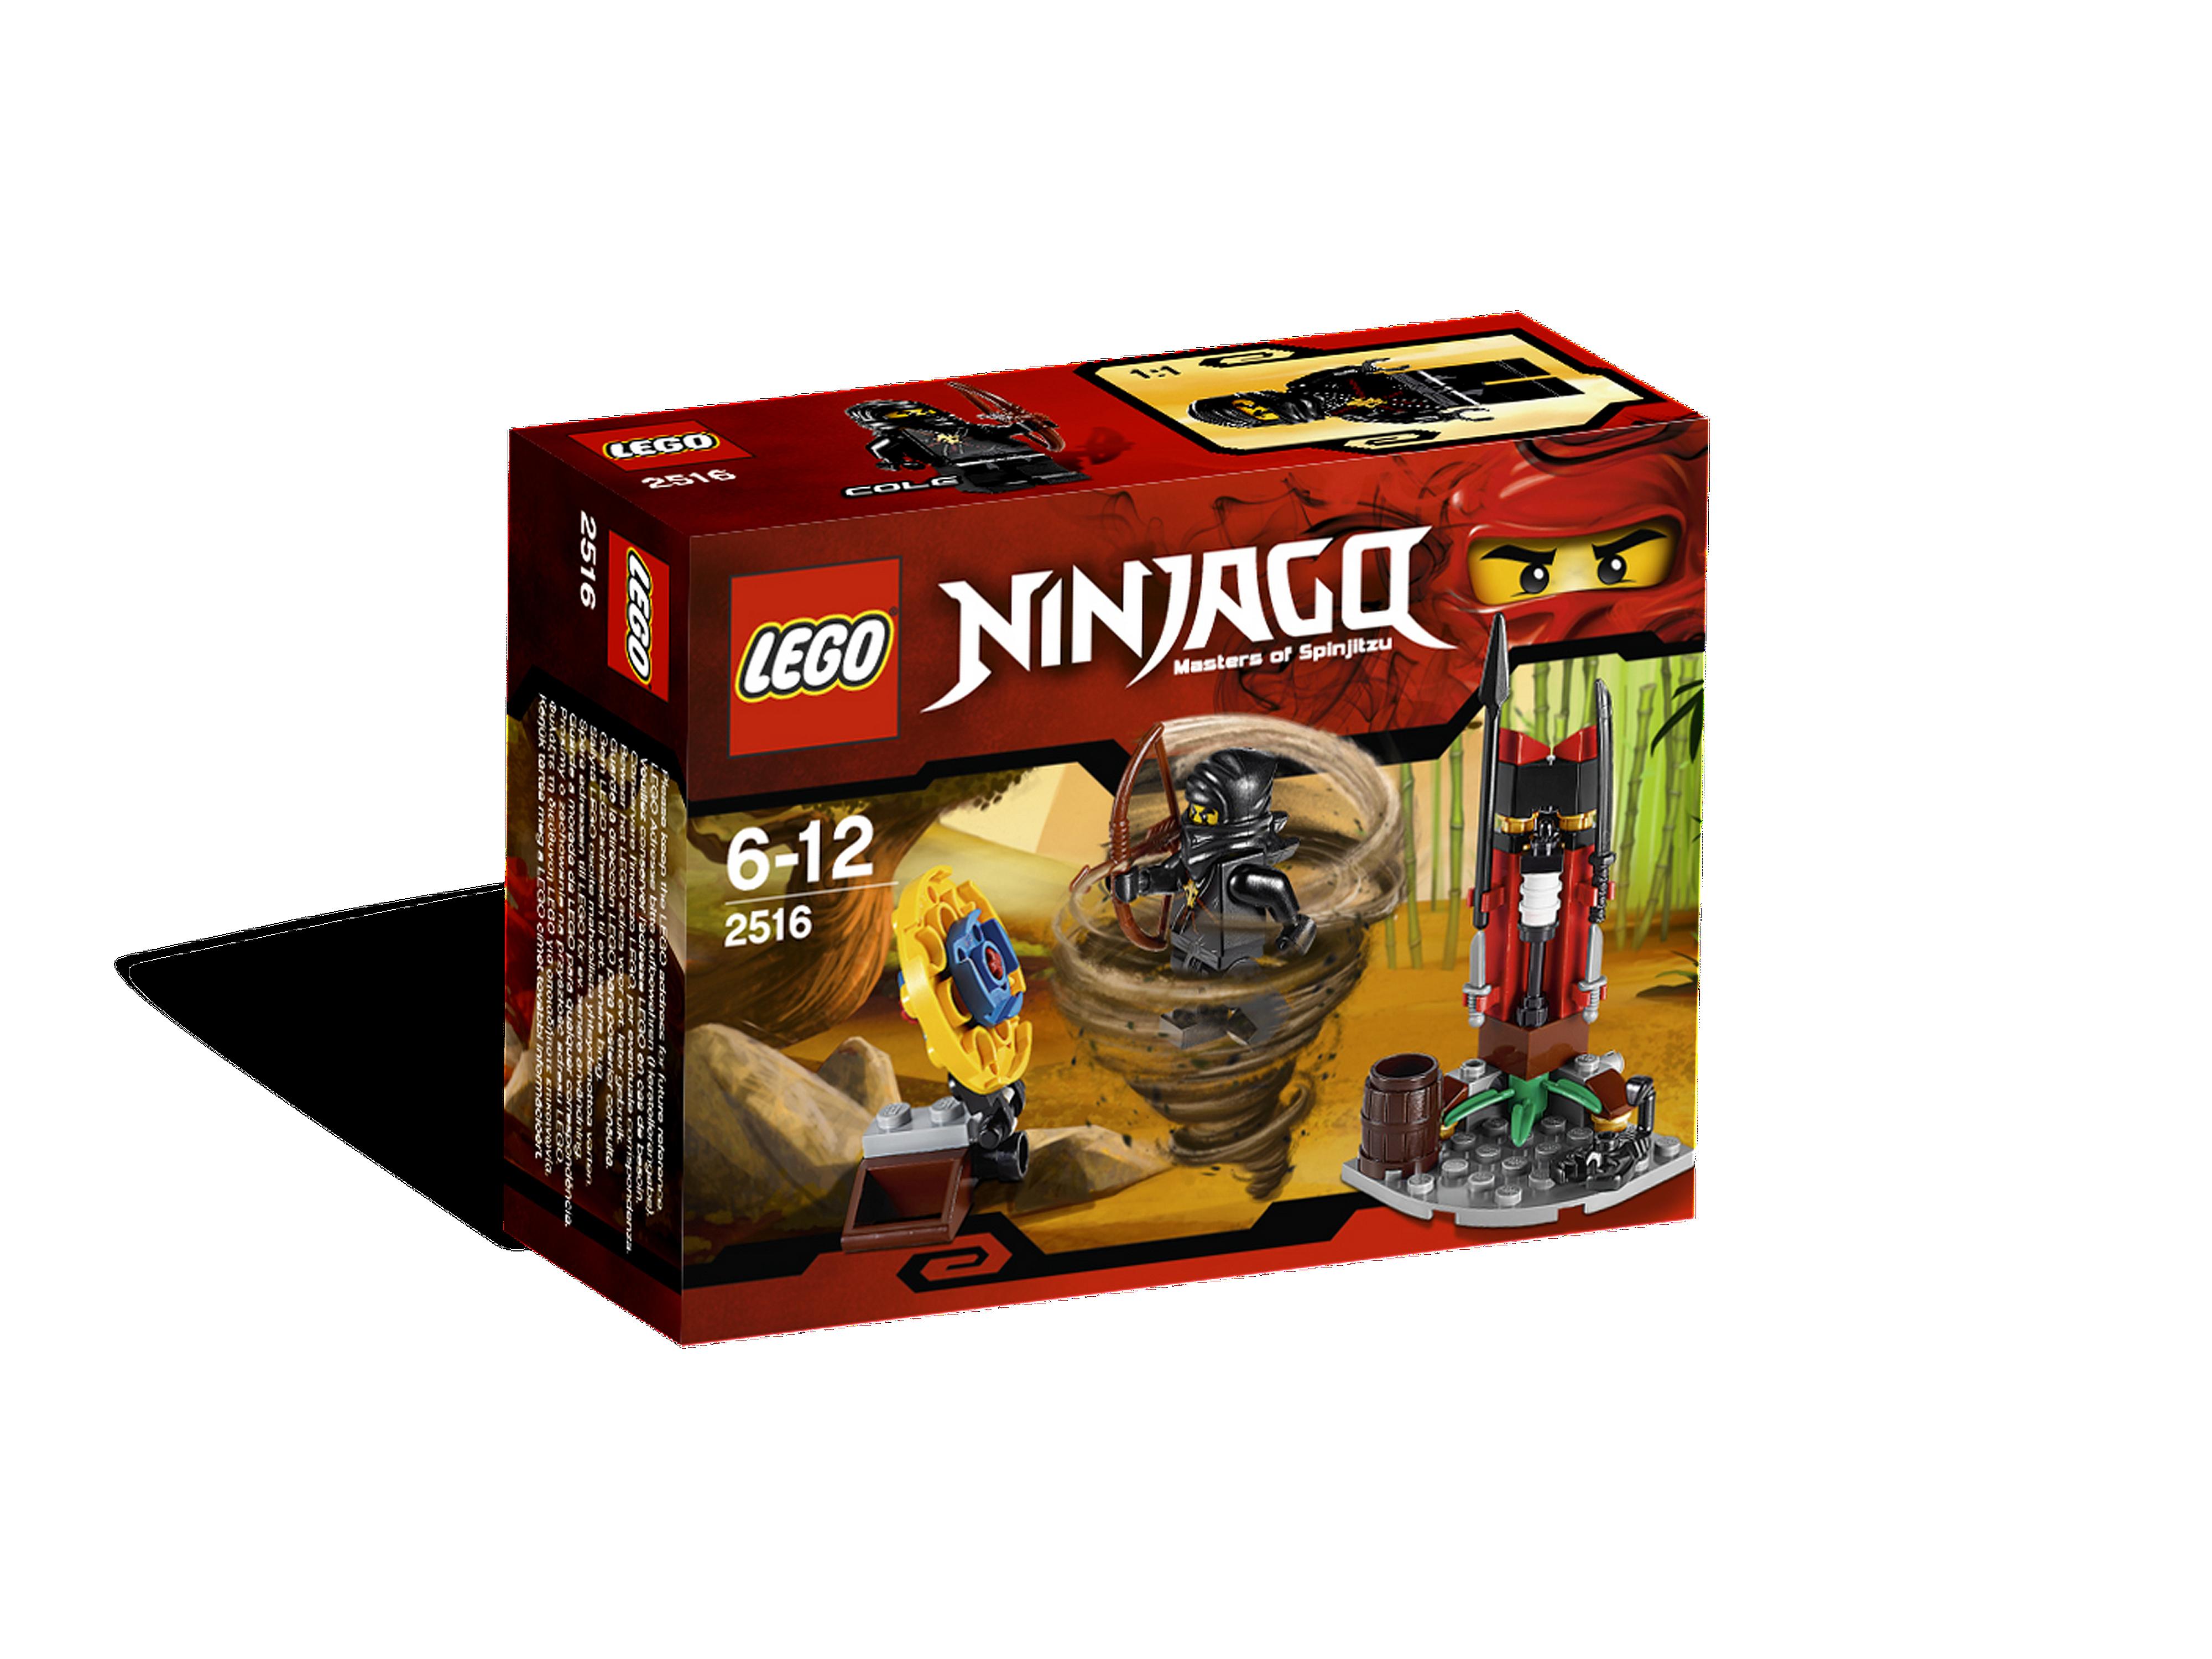 ninja training outpost - Legocom Ninjago